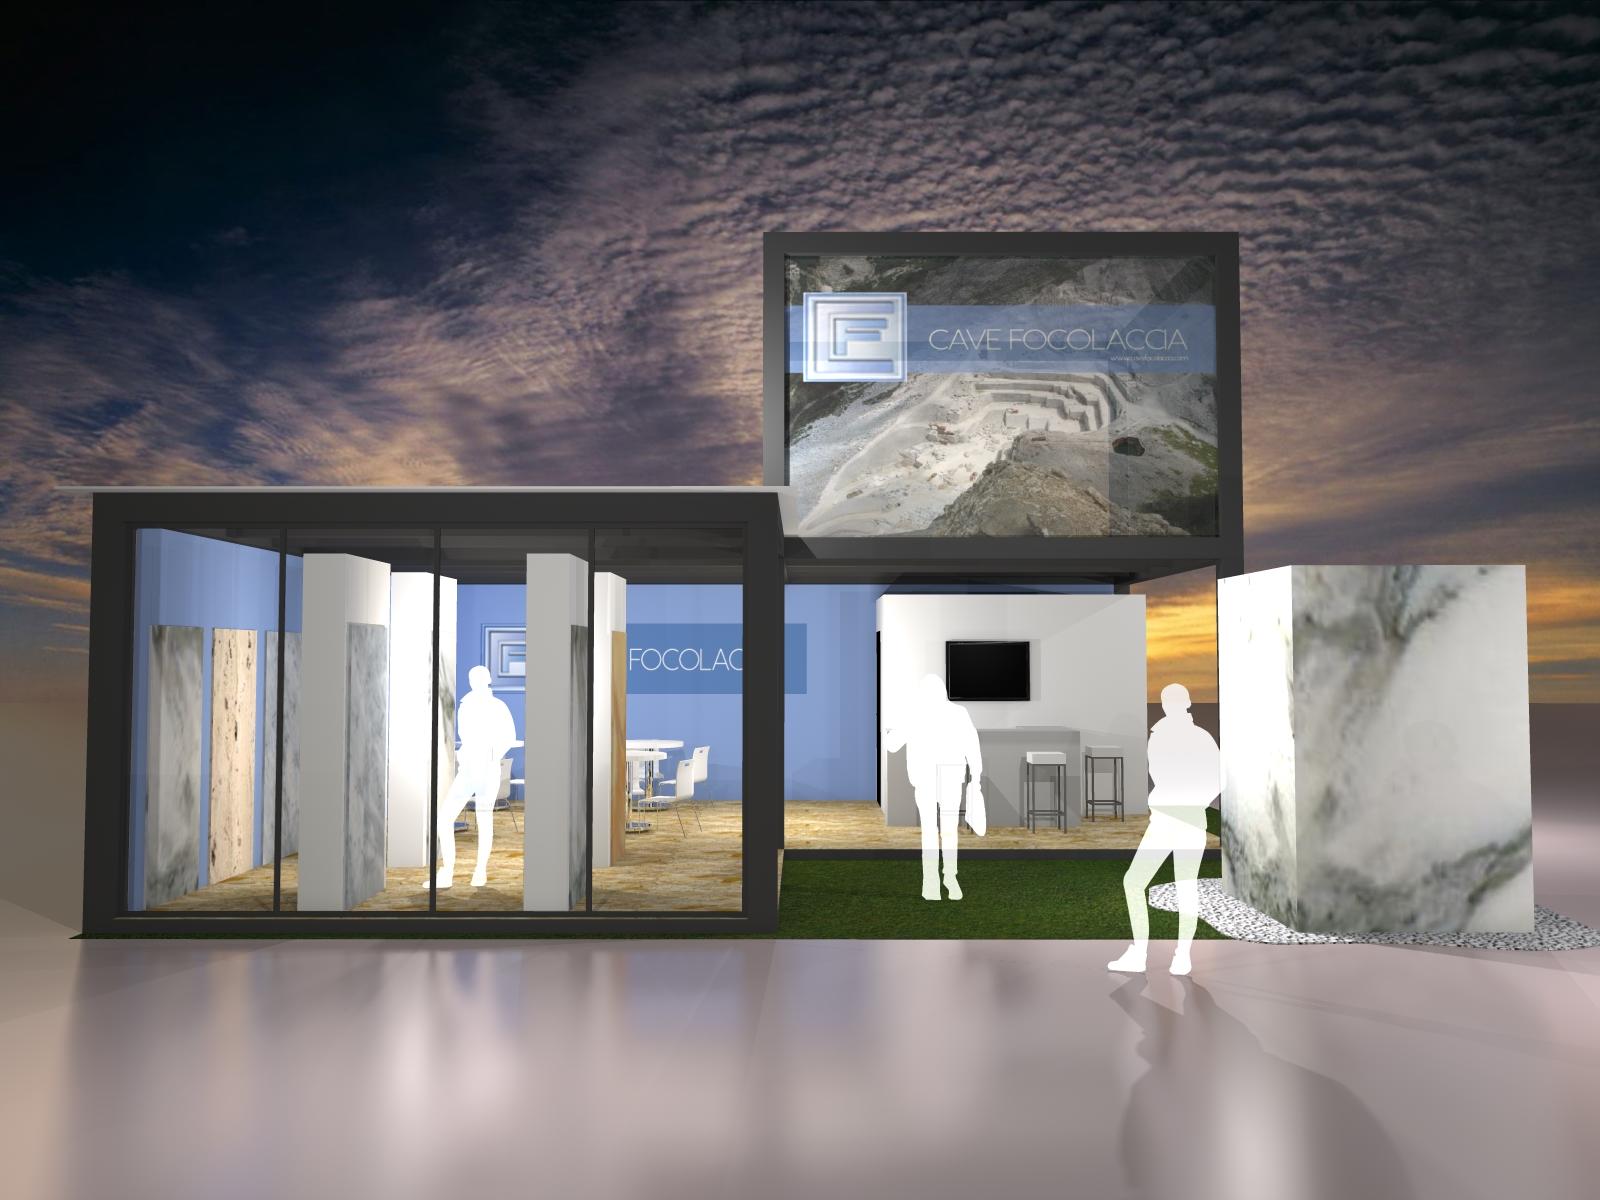 cave focolaccia5.jpg